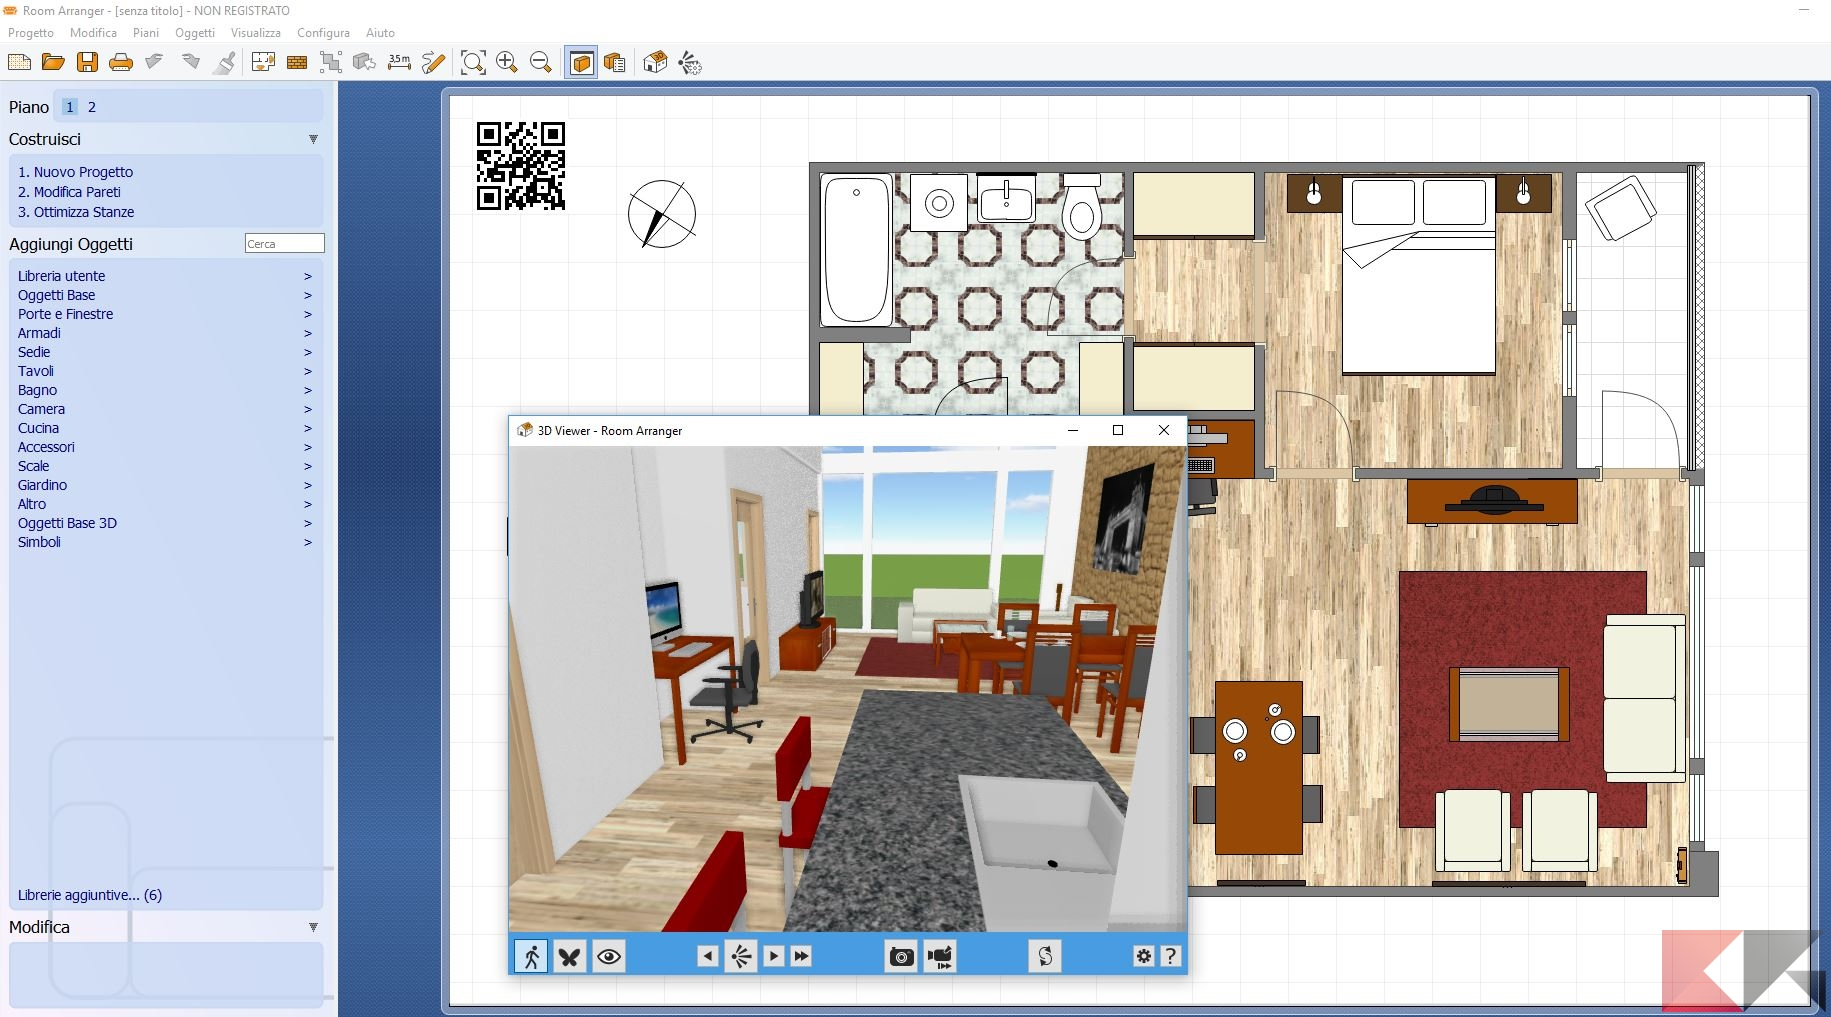 I migliori programmi per arredare casa chimerarevo for Programma per arredare in 3d